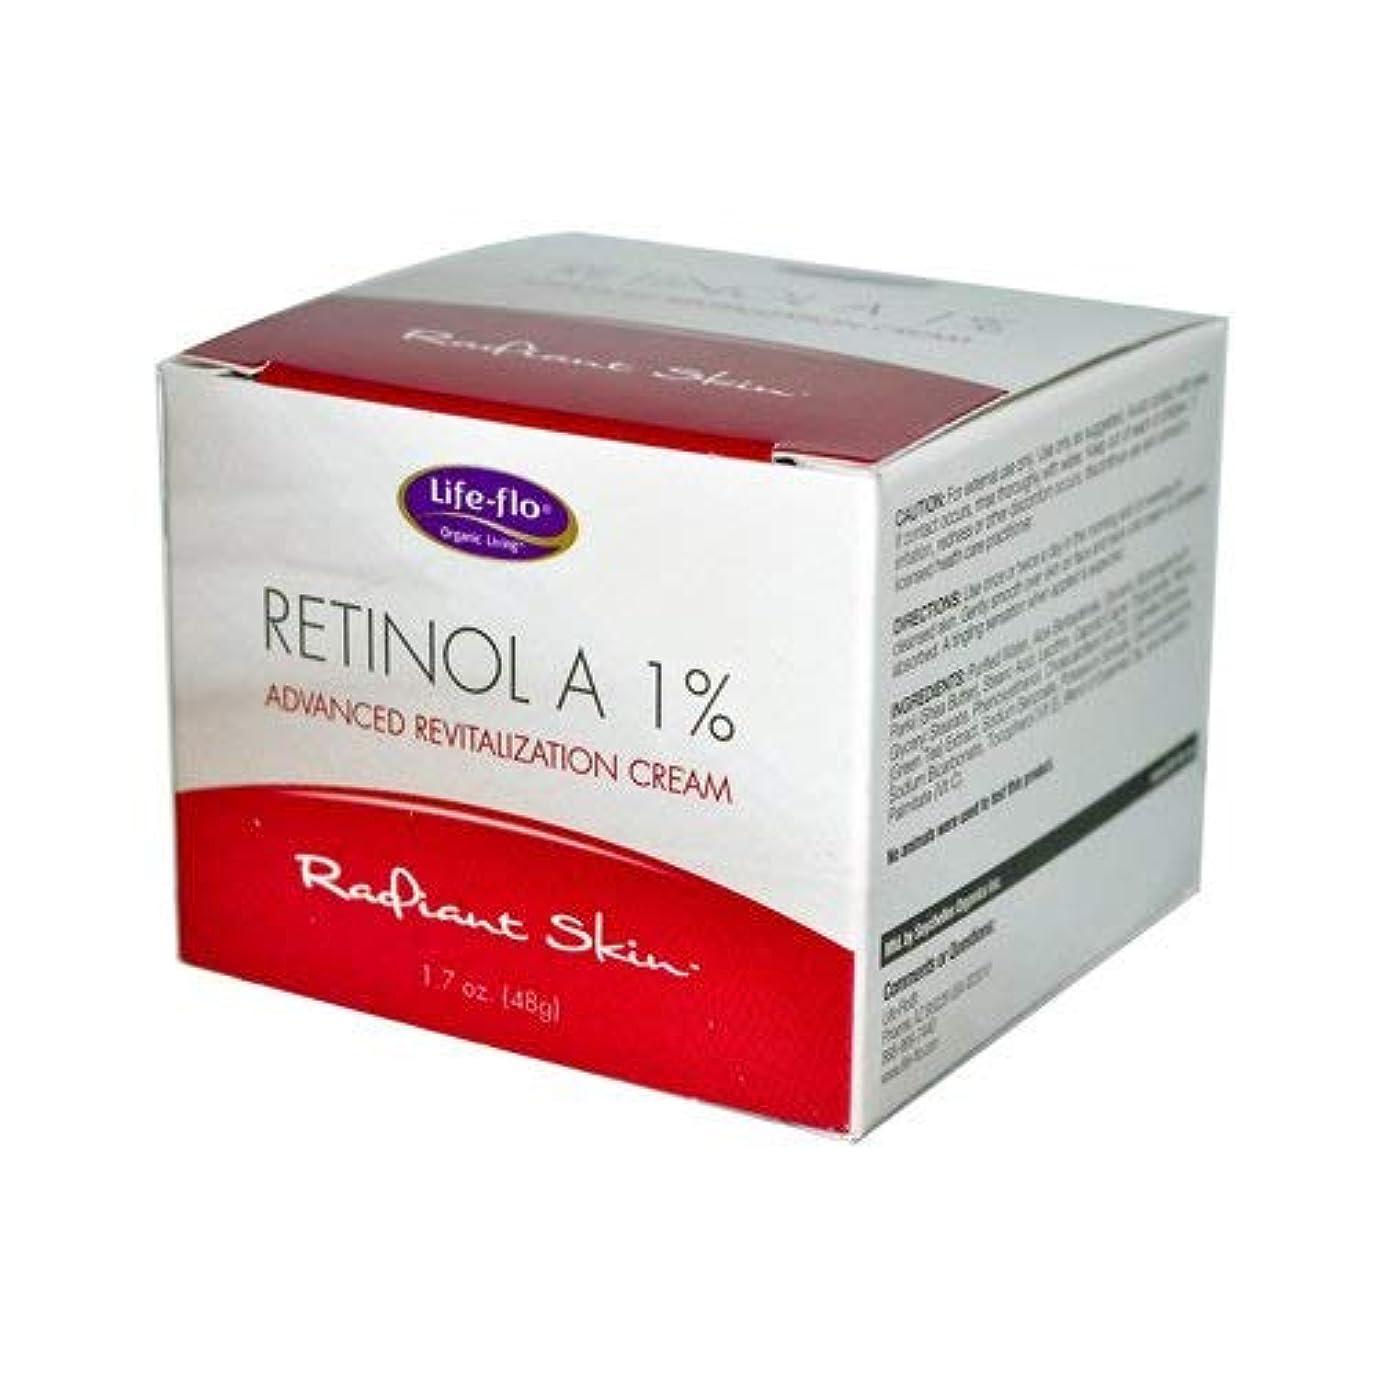 によって衝撃削除する海外直送品 Life-Flo Retinol A 1% Advanced Revitalization Cream, 1.7 oz- 4 Packs